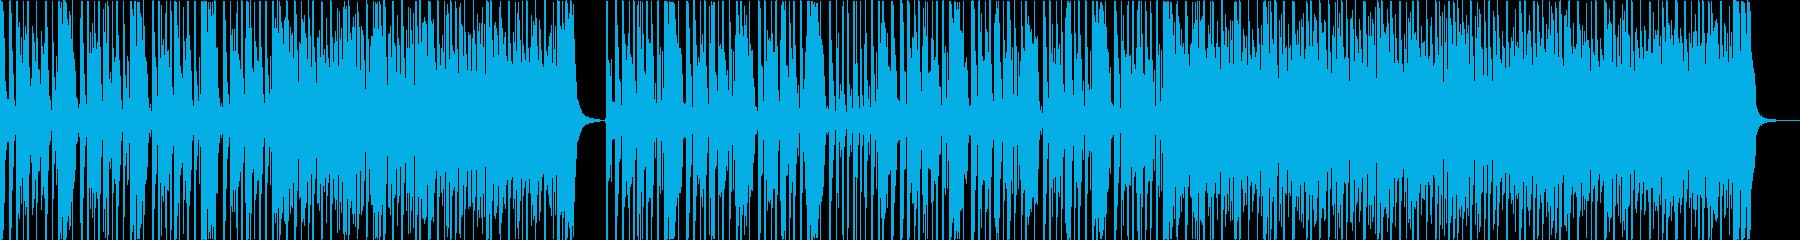 ドラムとピアノが織りなす軽快なジャズの再生済みの波形